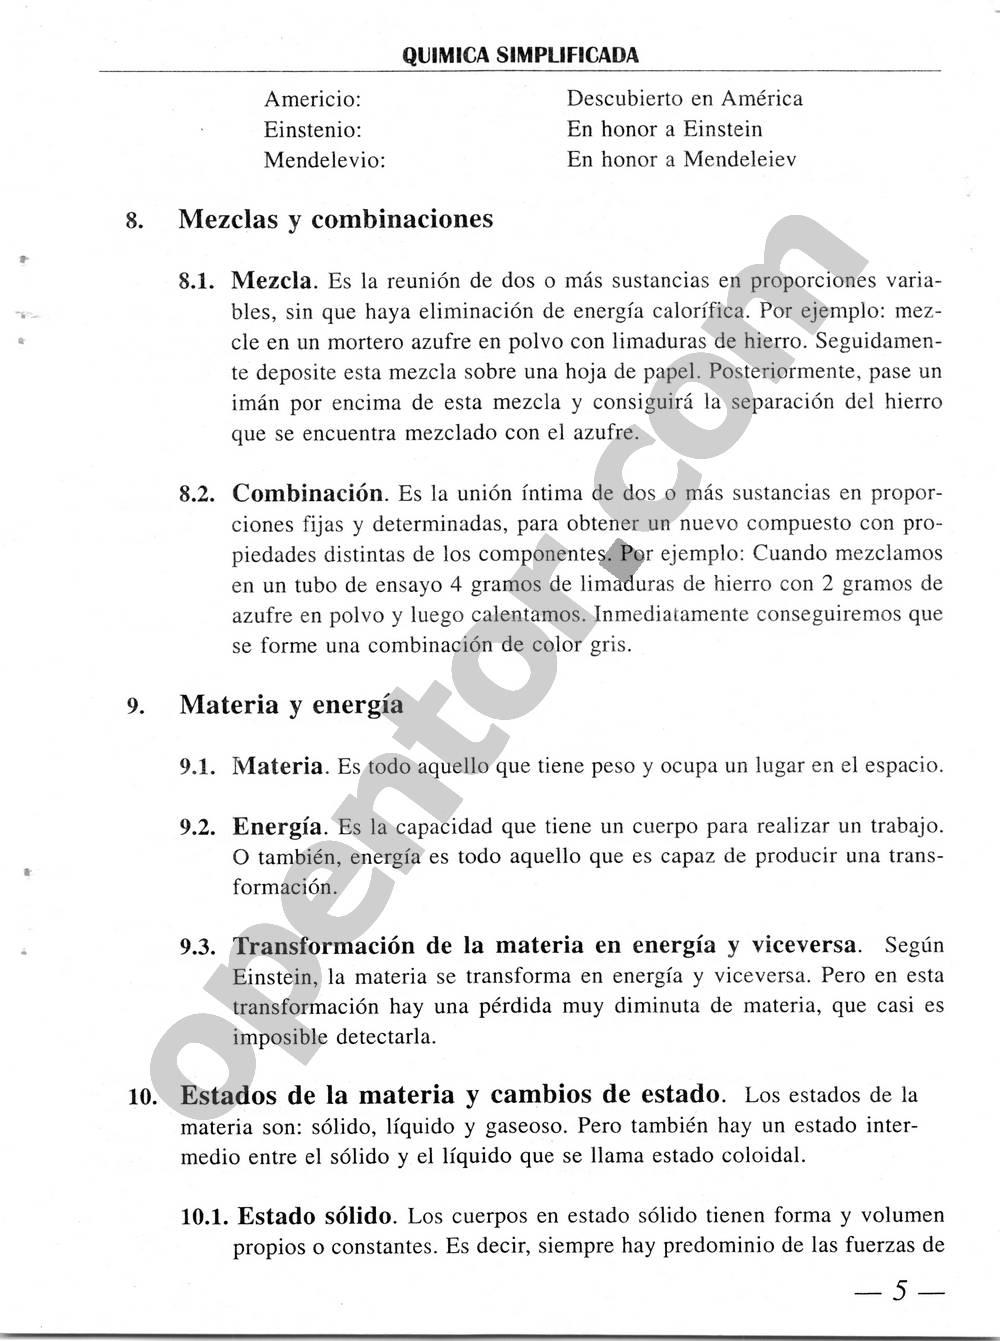 Química Simplificada de Diómedes Solano - Página 5